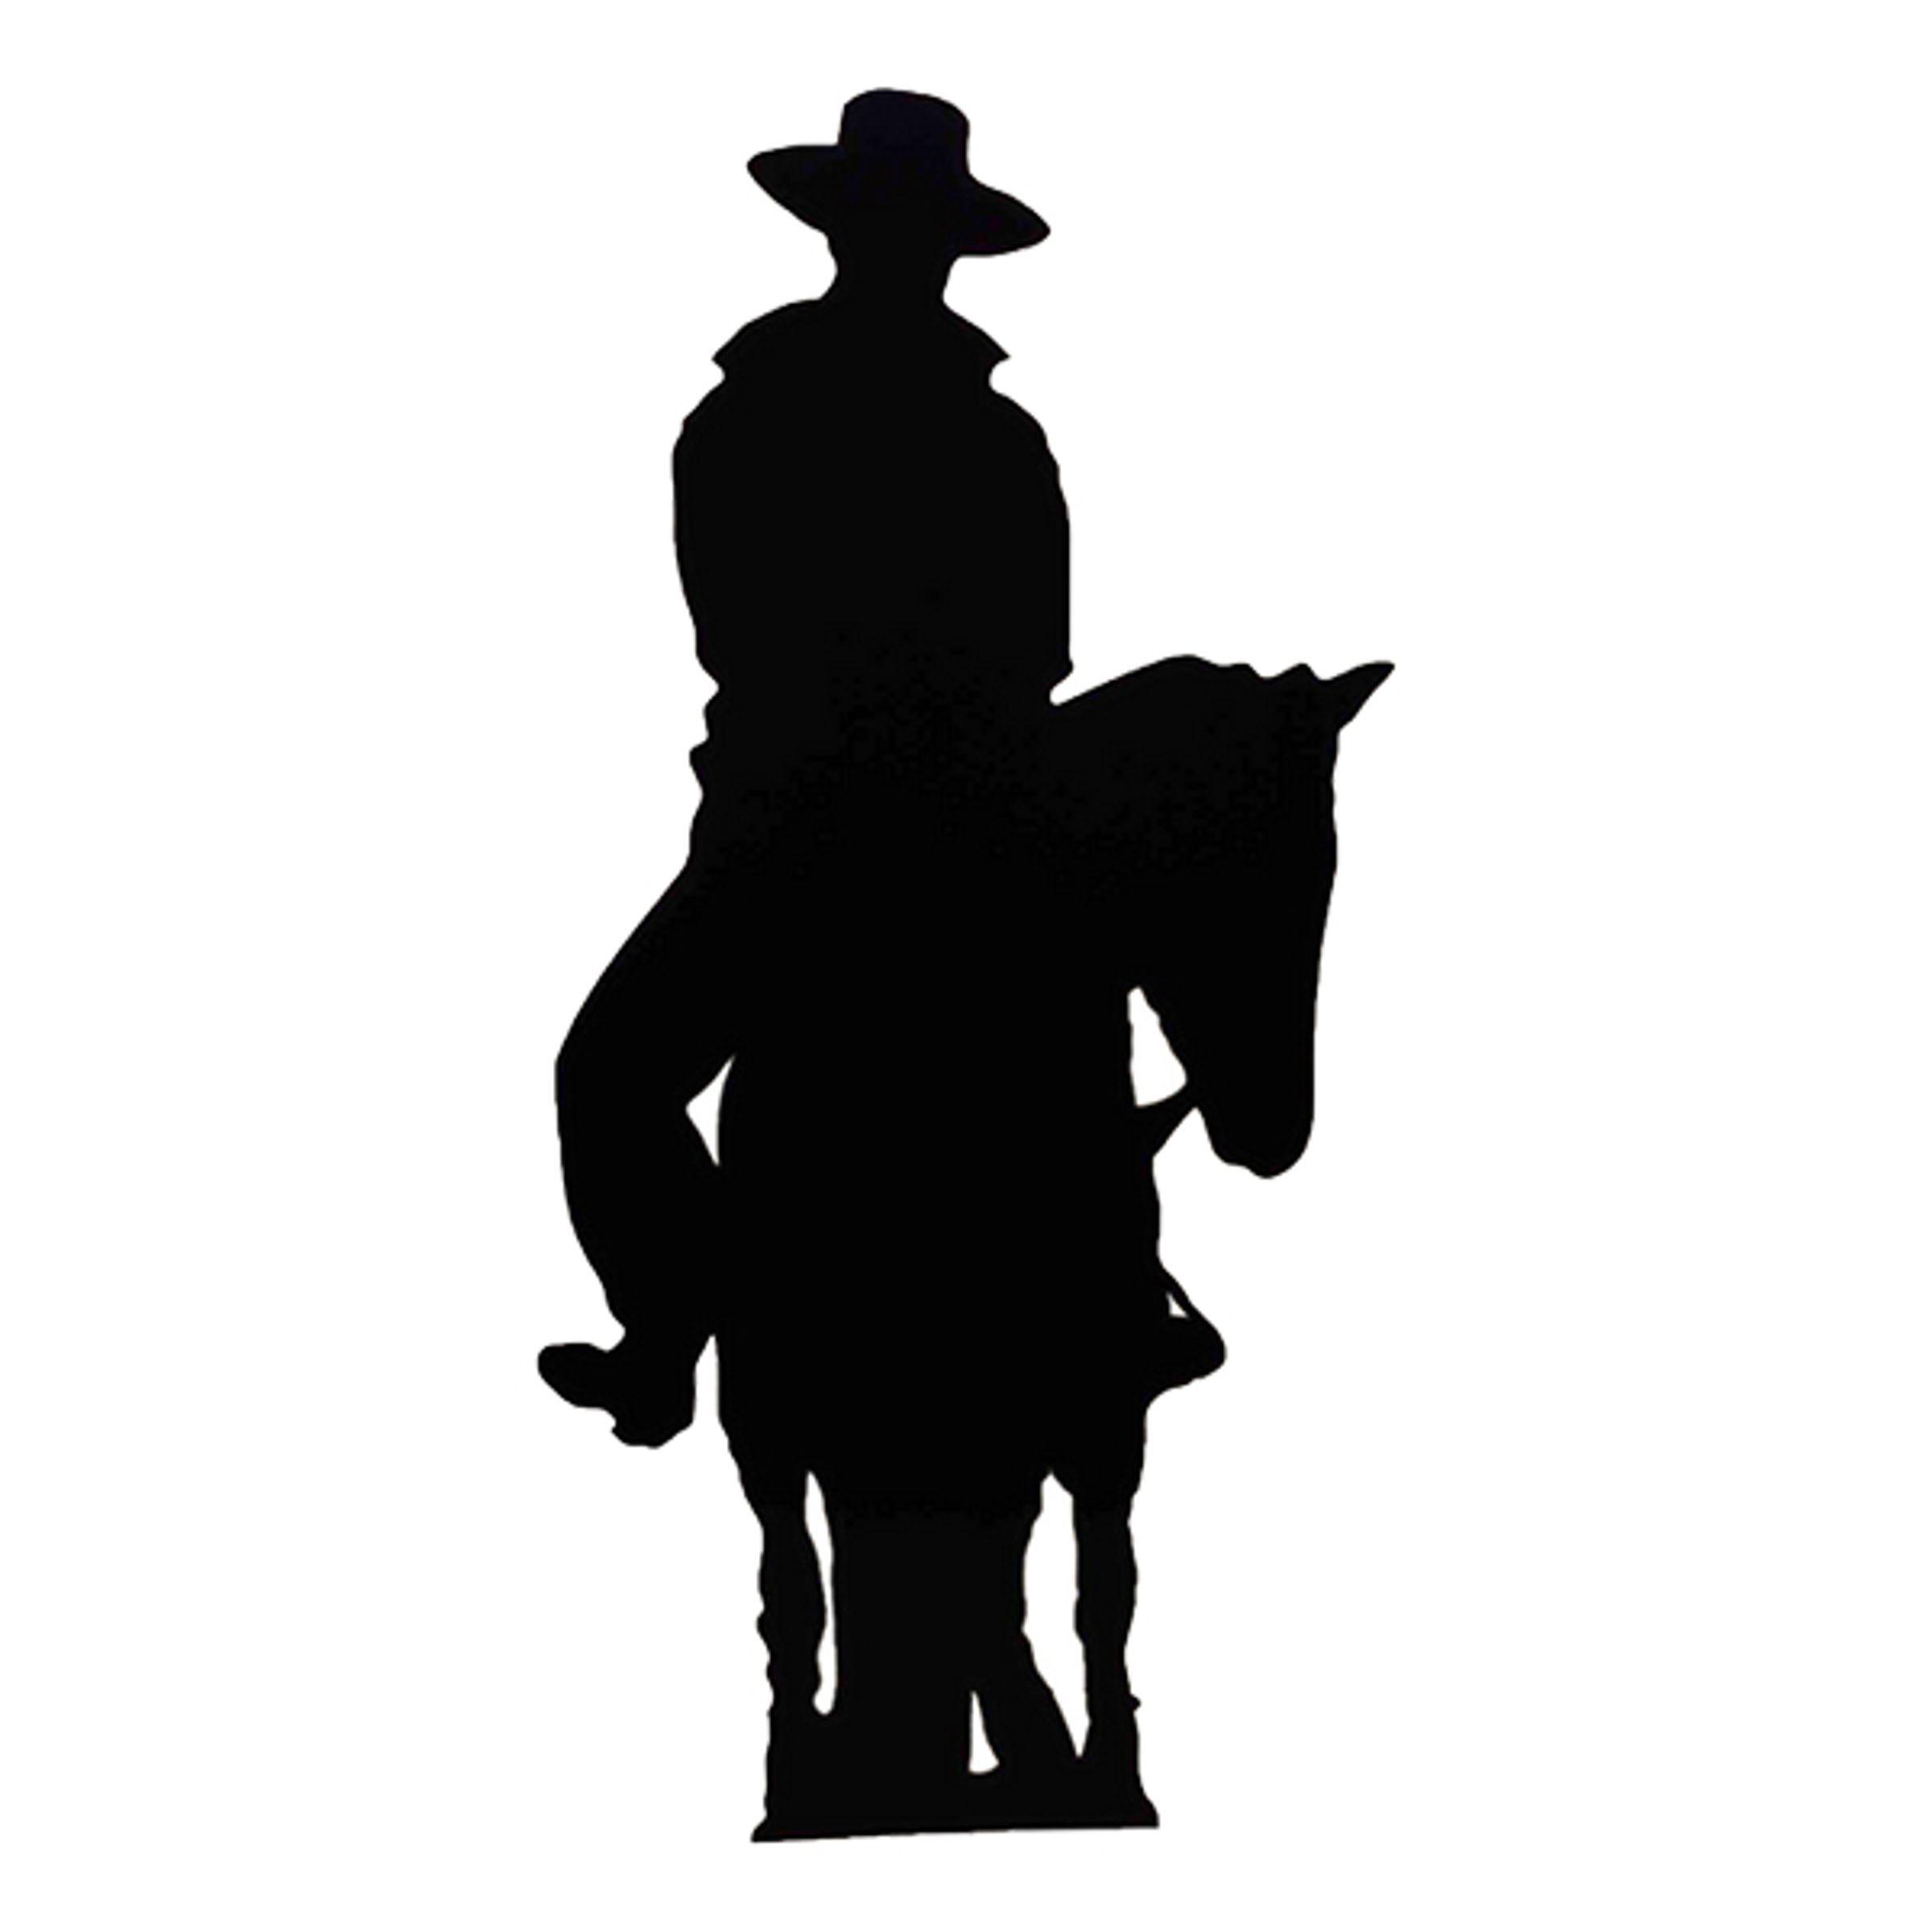 Cowboy på Häst Siluett Kartongfigur